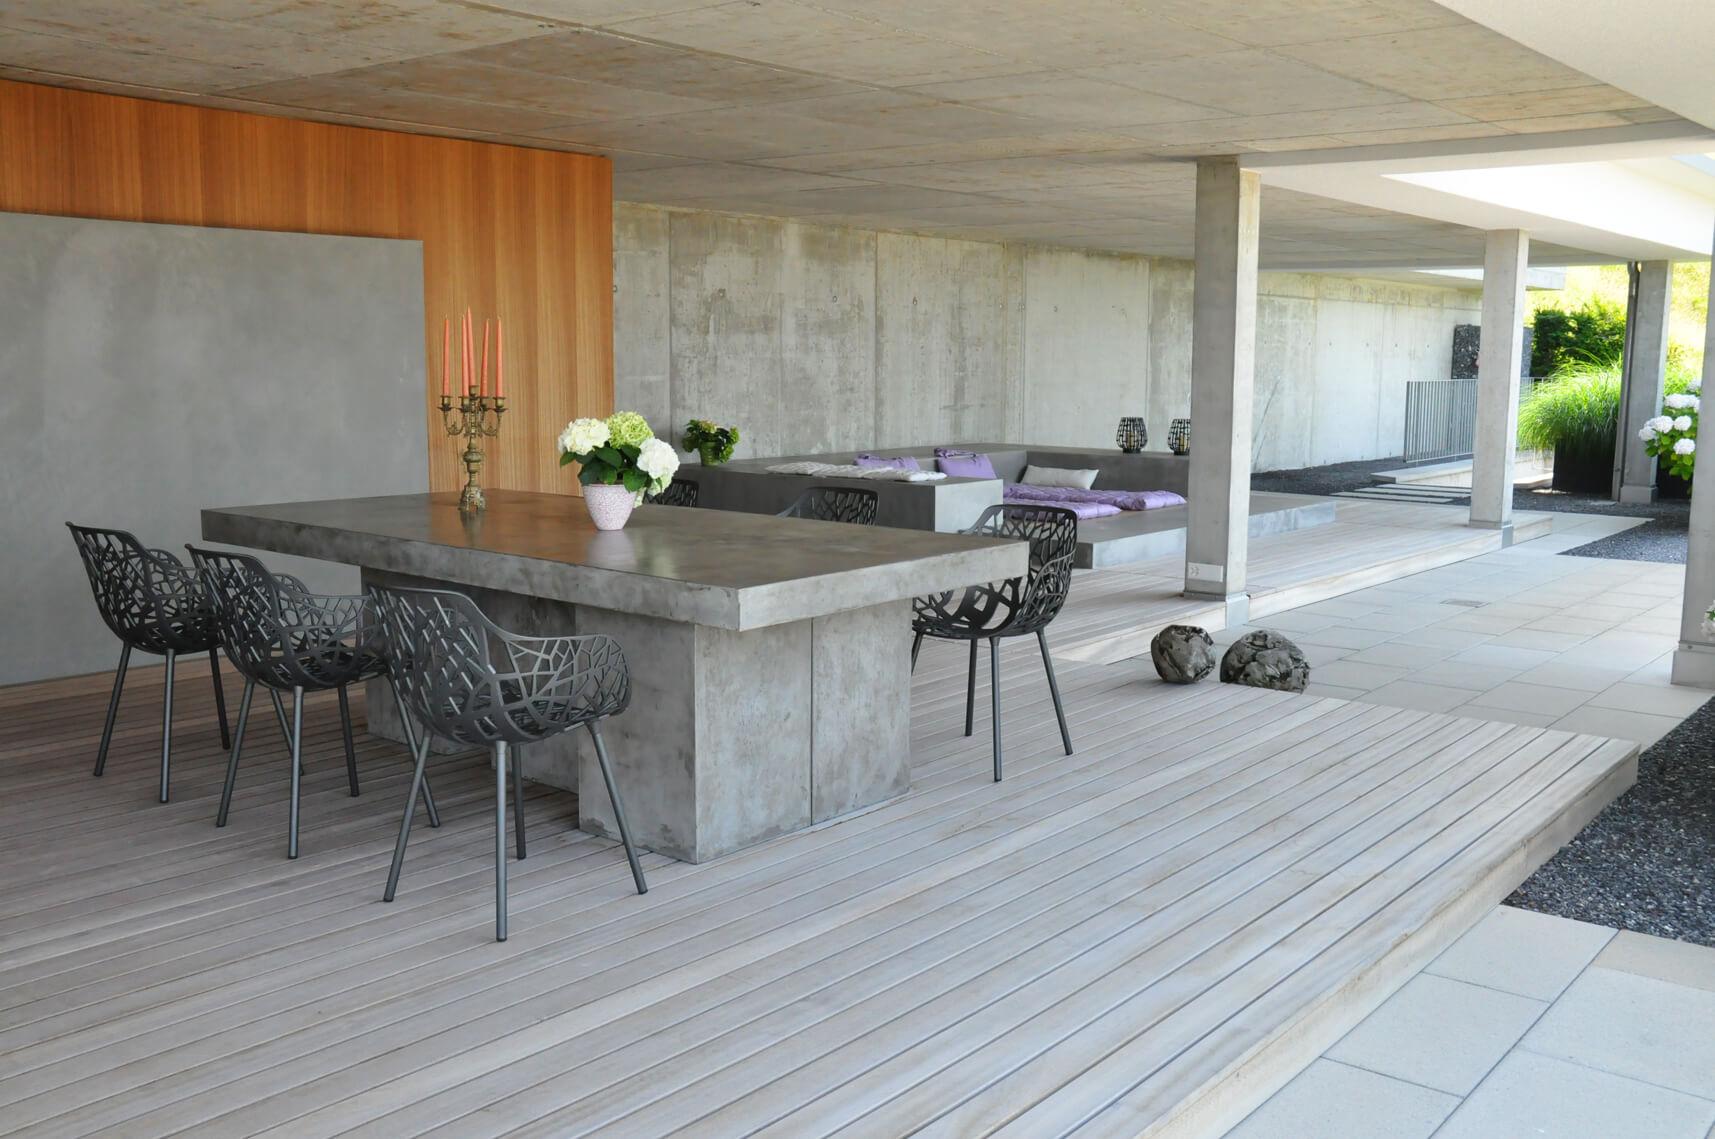 Terrassengestaltung - Parc's Gartengestaltung Gmbh Elemente Terrassen Gestaltung